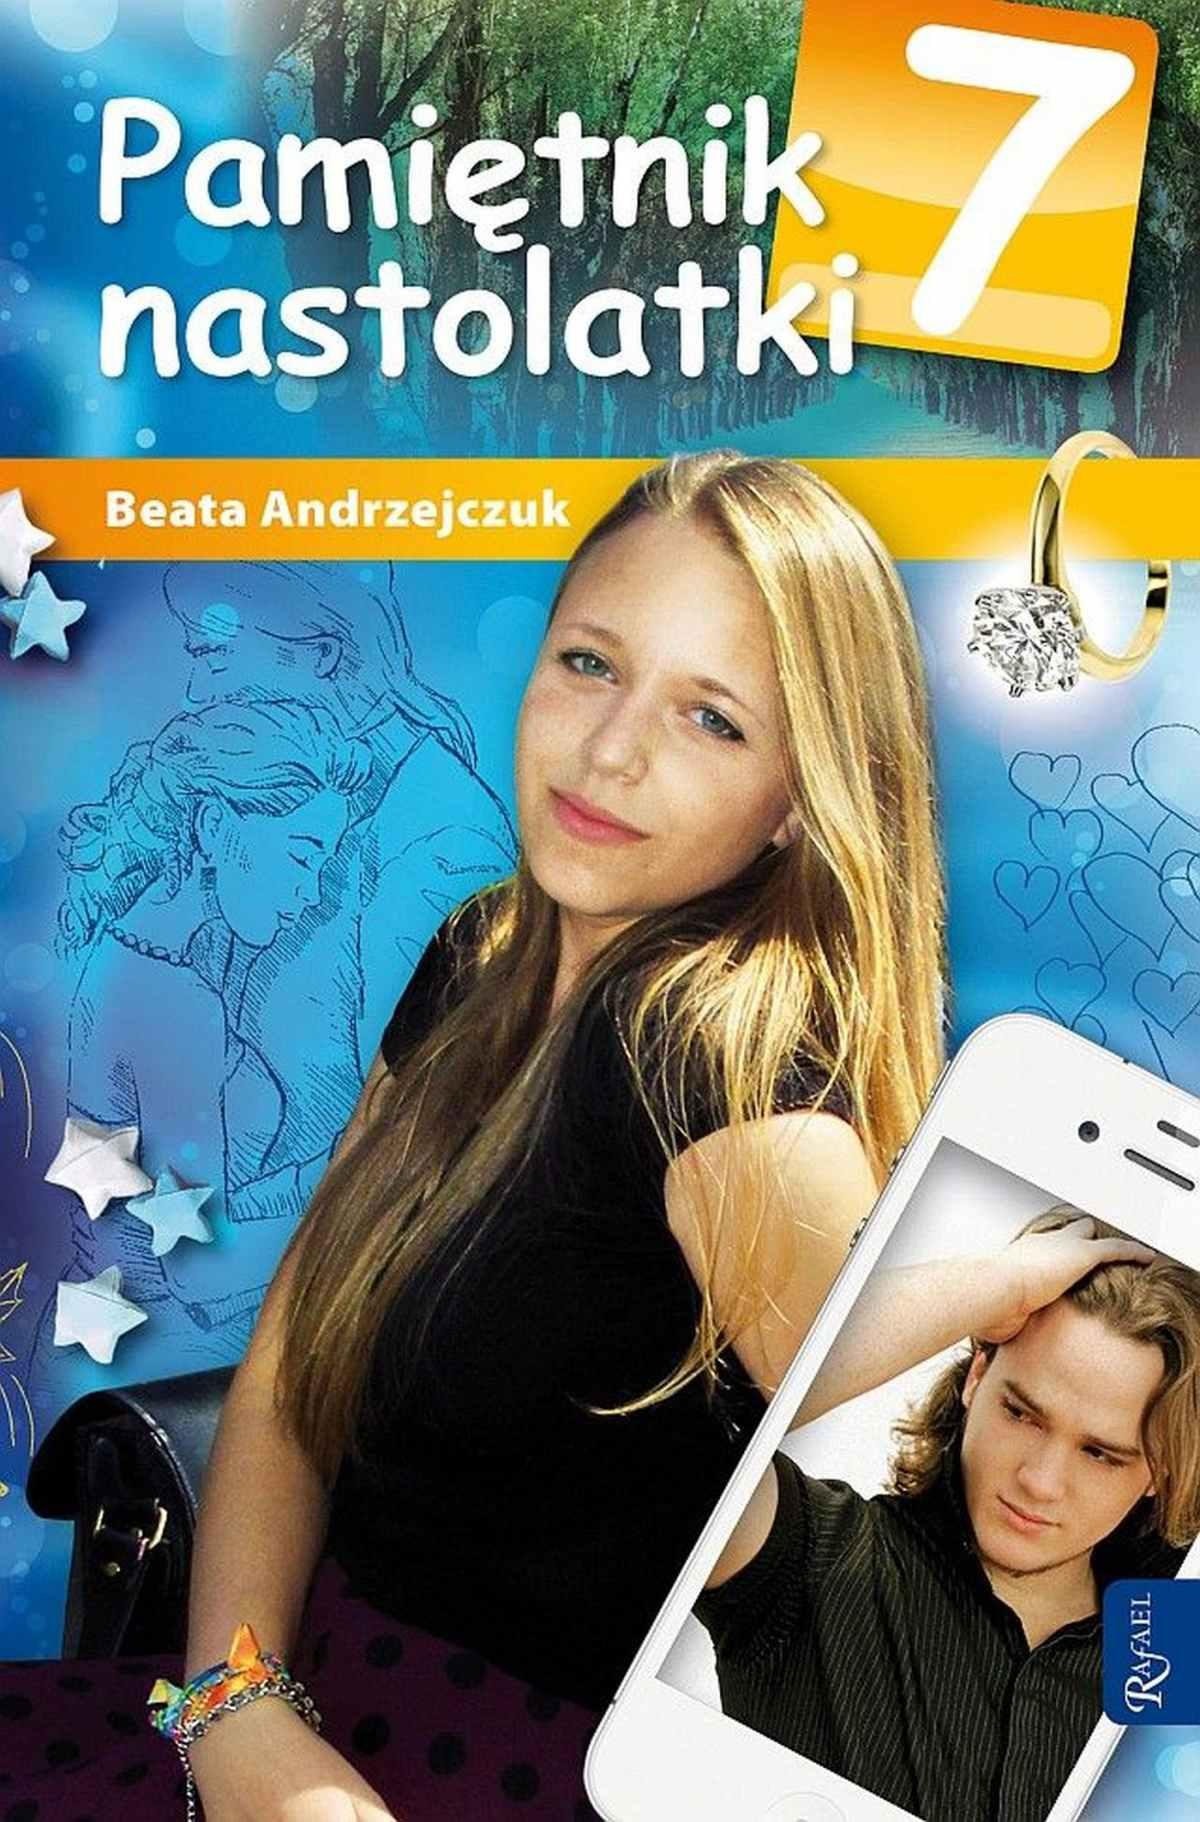 Pamiętnik nastolatki 7 - Ebook (Książka EPUB) do pobrania w formacie EPUB